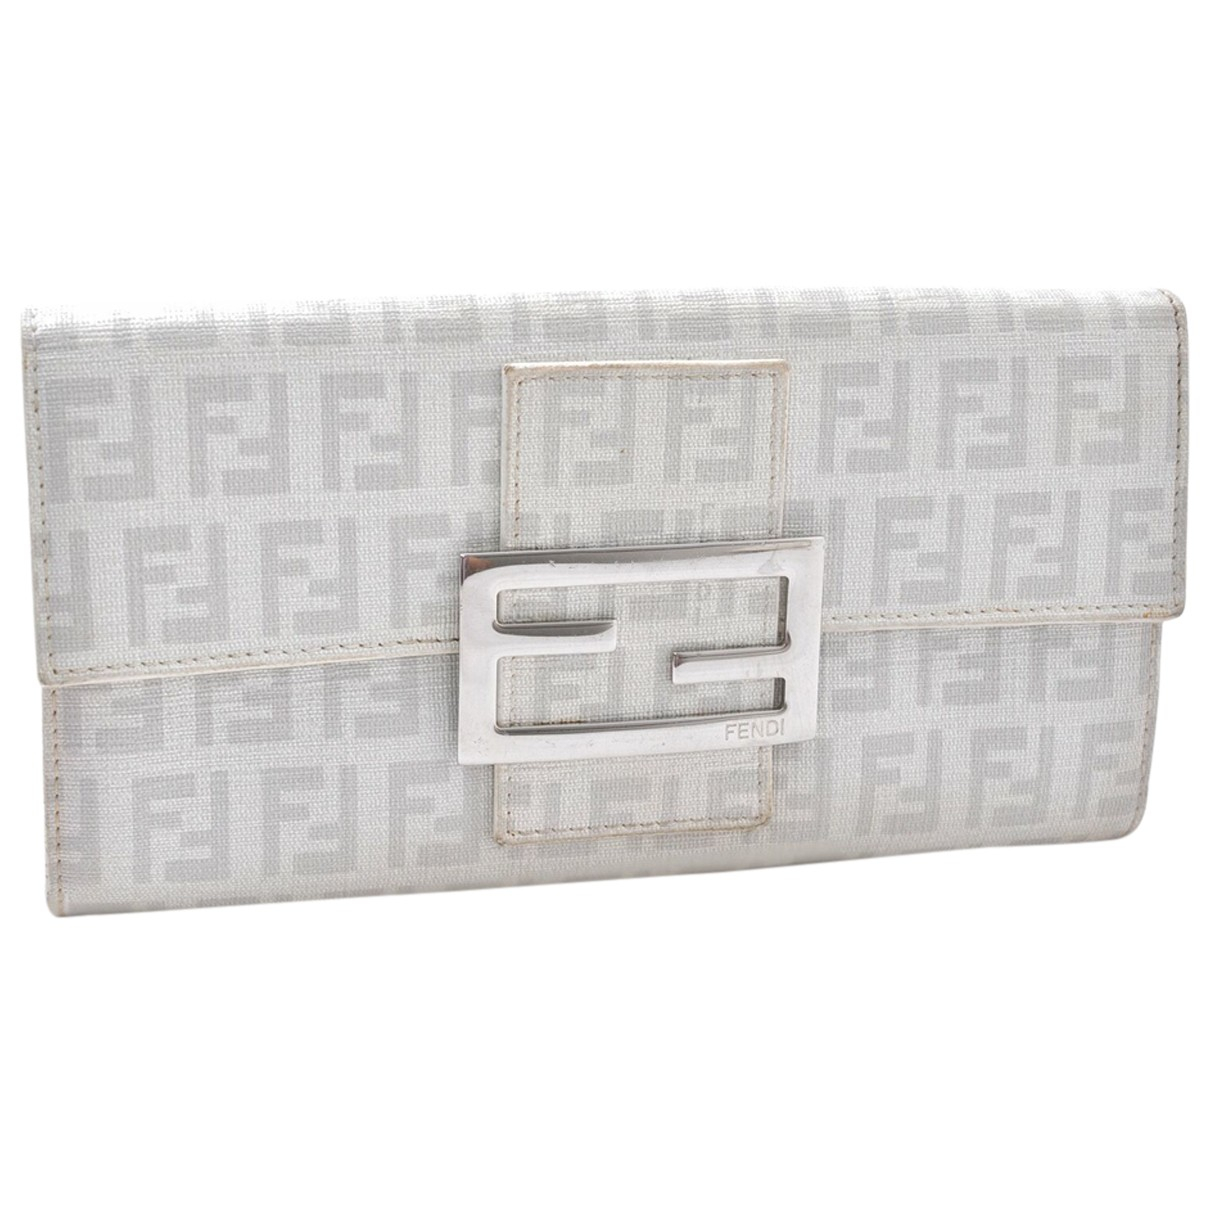 Fendi - Portefeuille   pour femme en autre - blanc